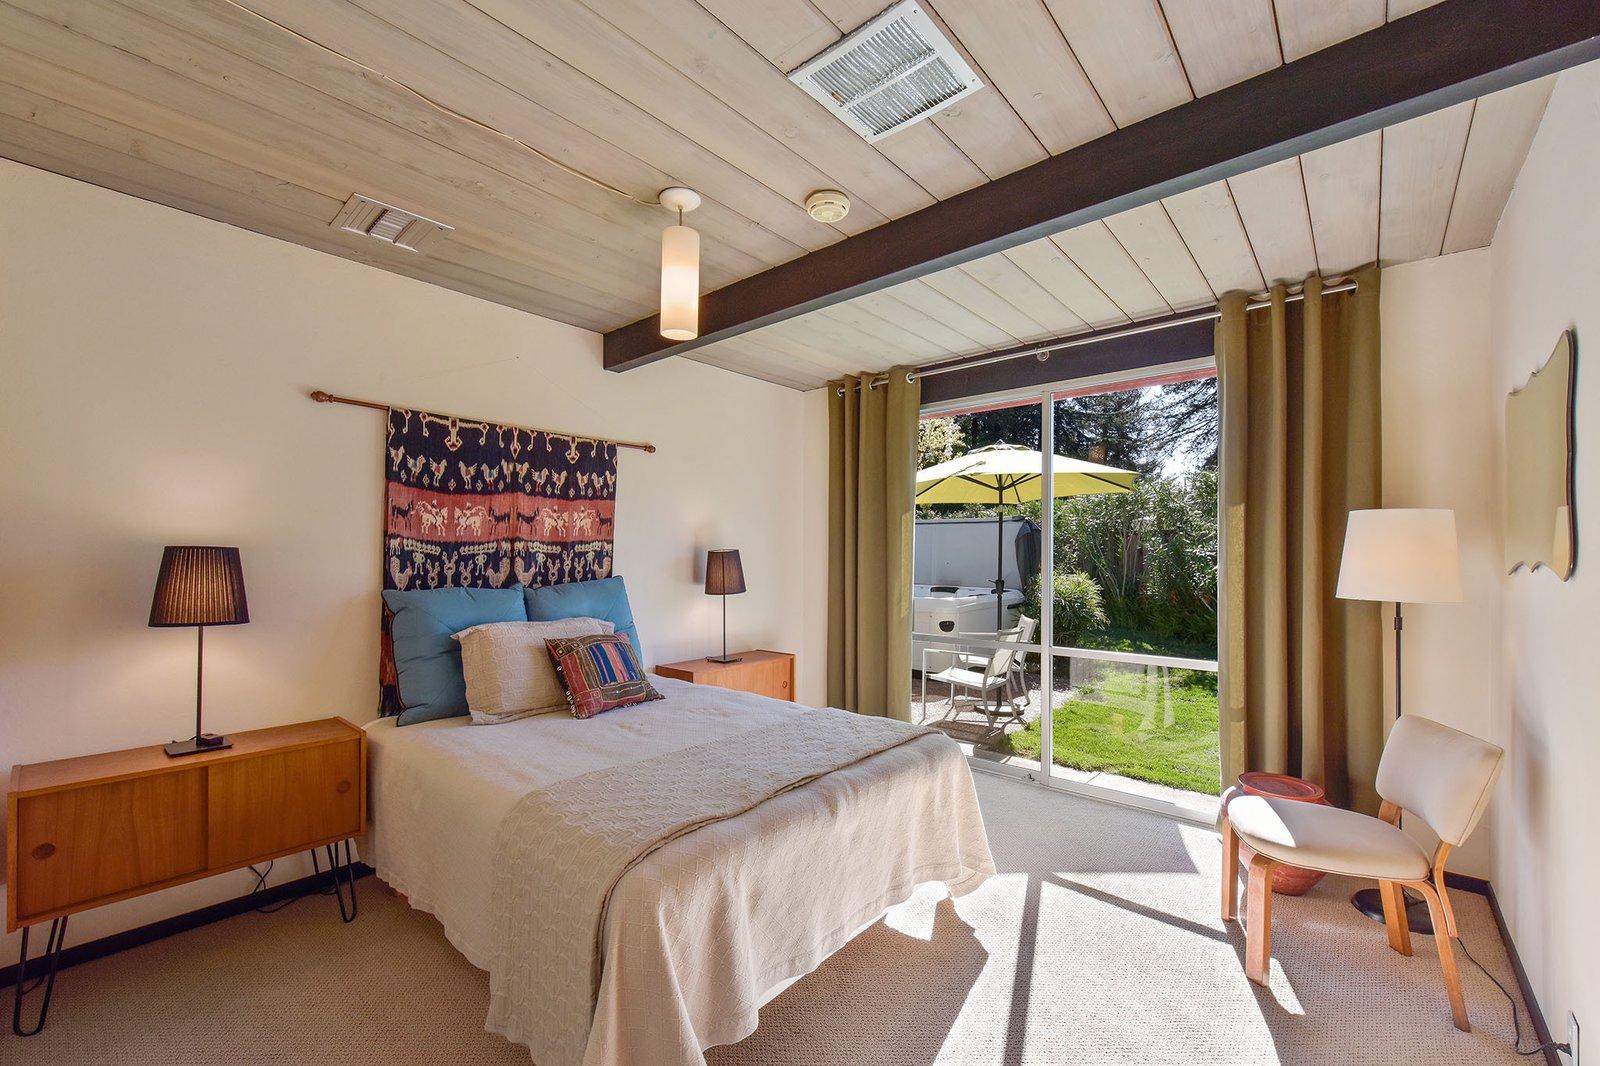 Model 14 Eichler bedroom